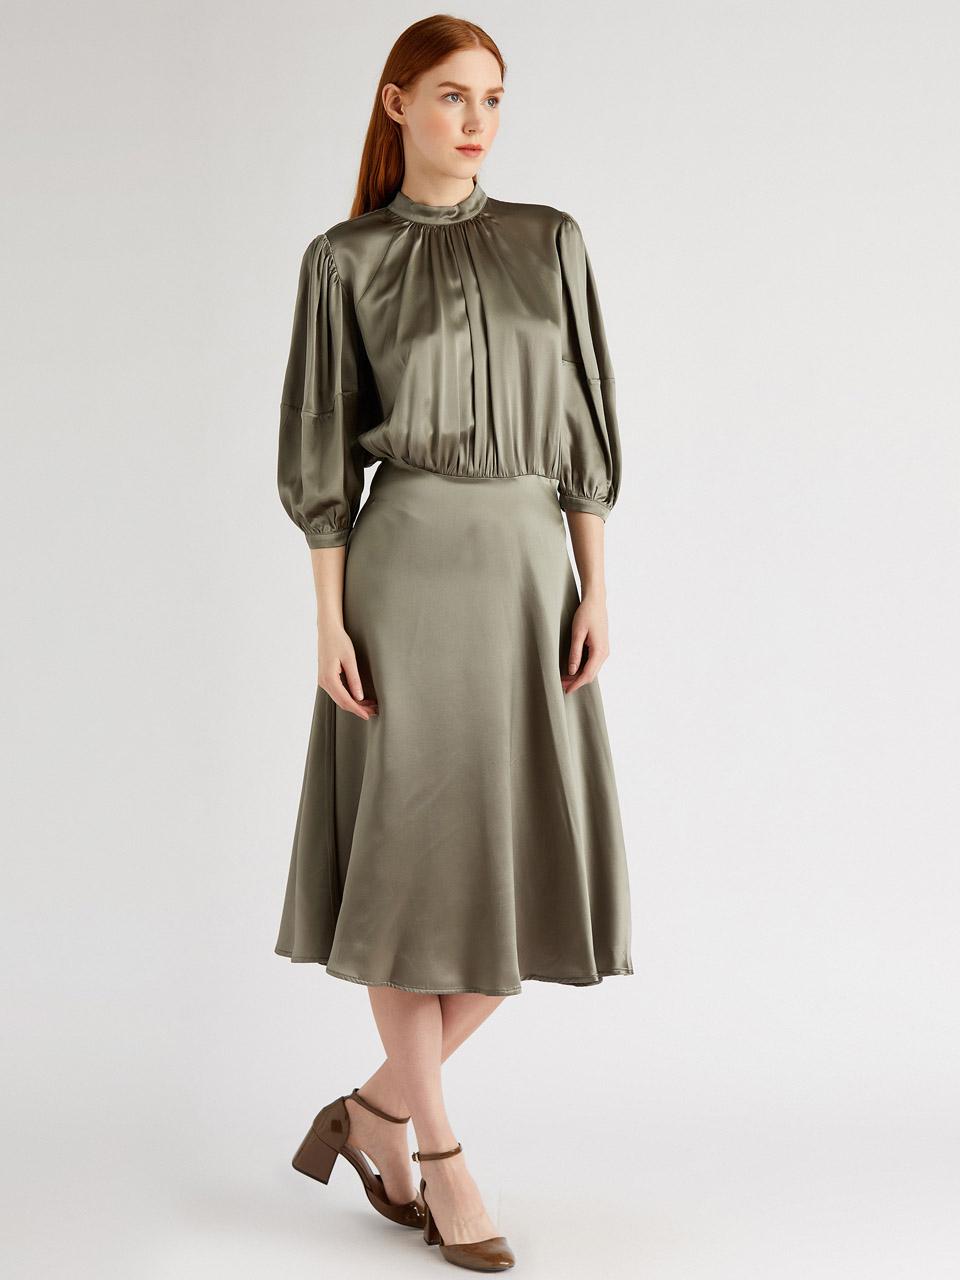 Gathered Detail Satin Dress